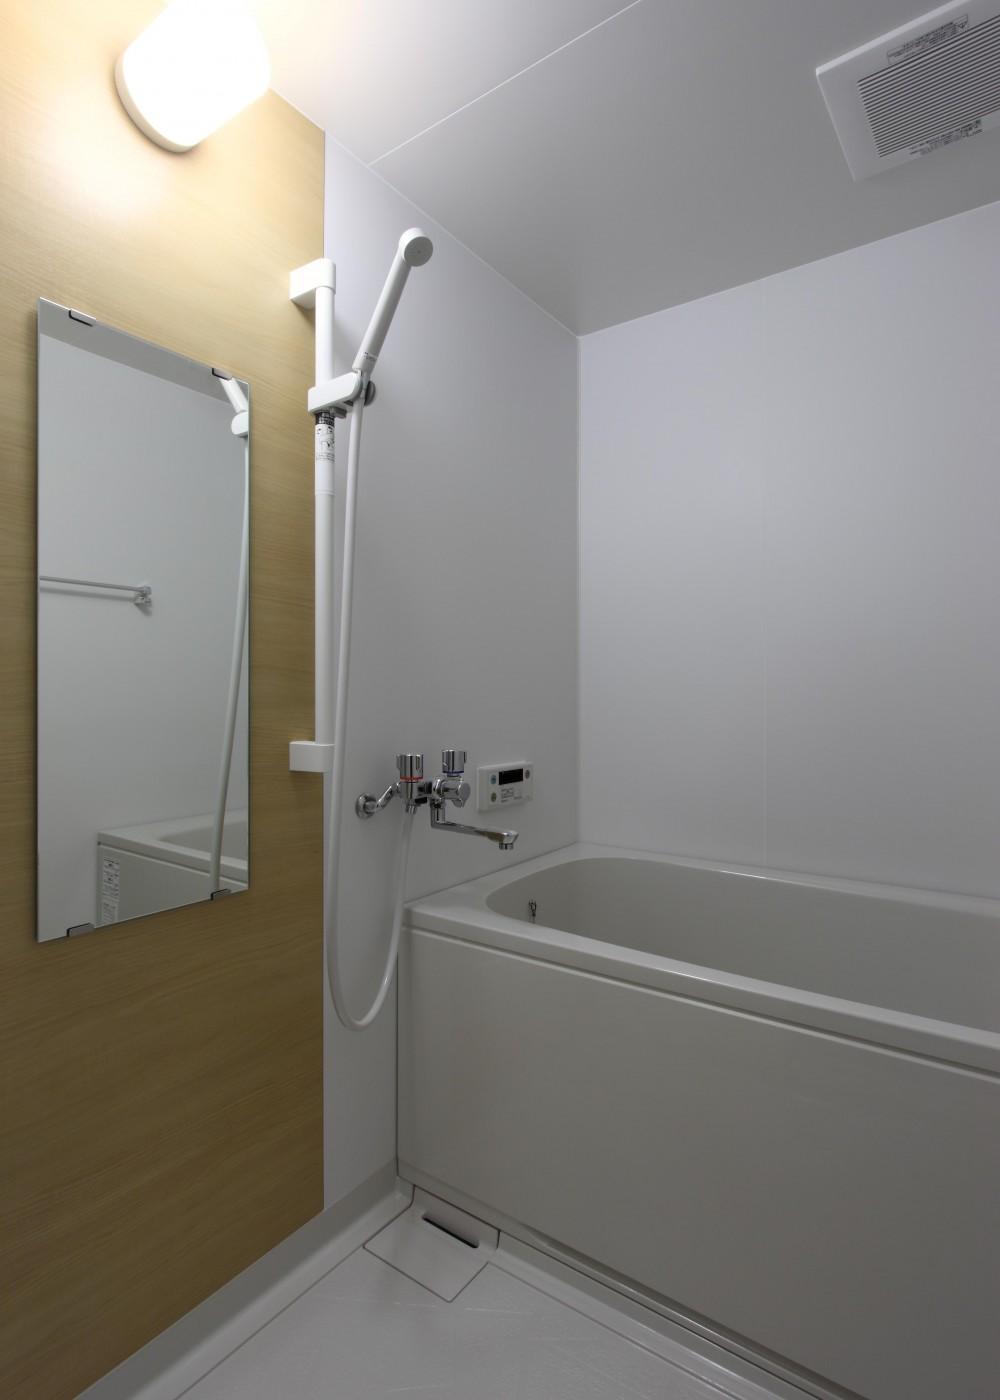 内装に拘ったLDK空間でひとり暮らしをとことん楽しむ。 (バスルーム)